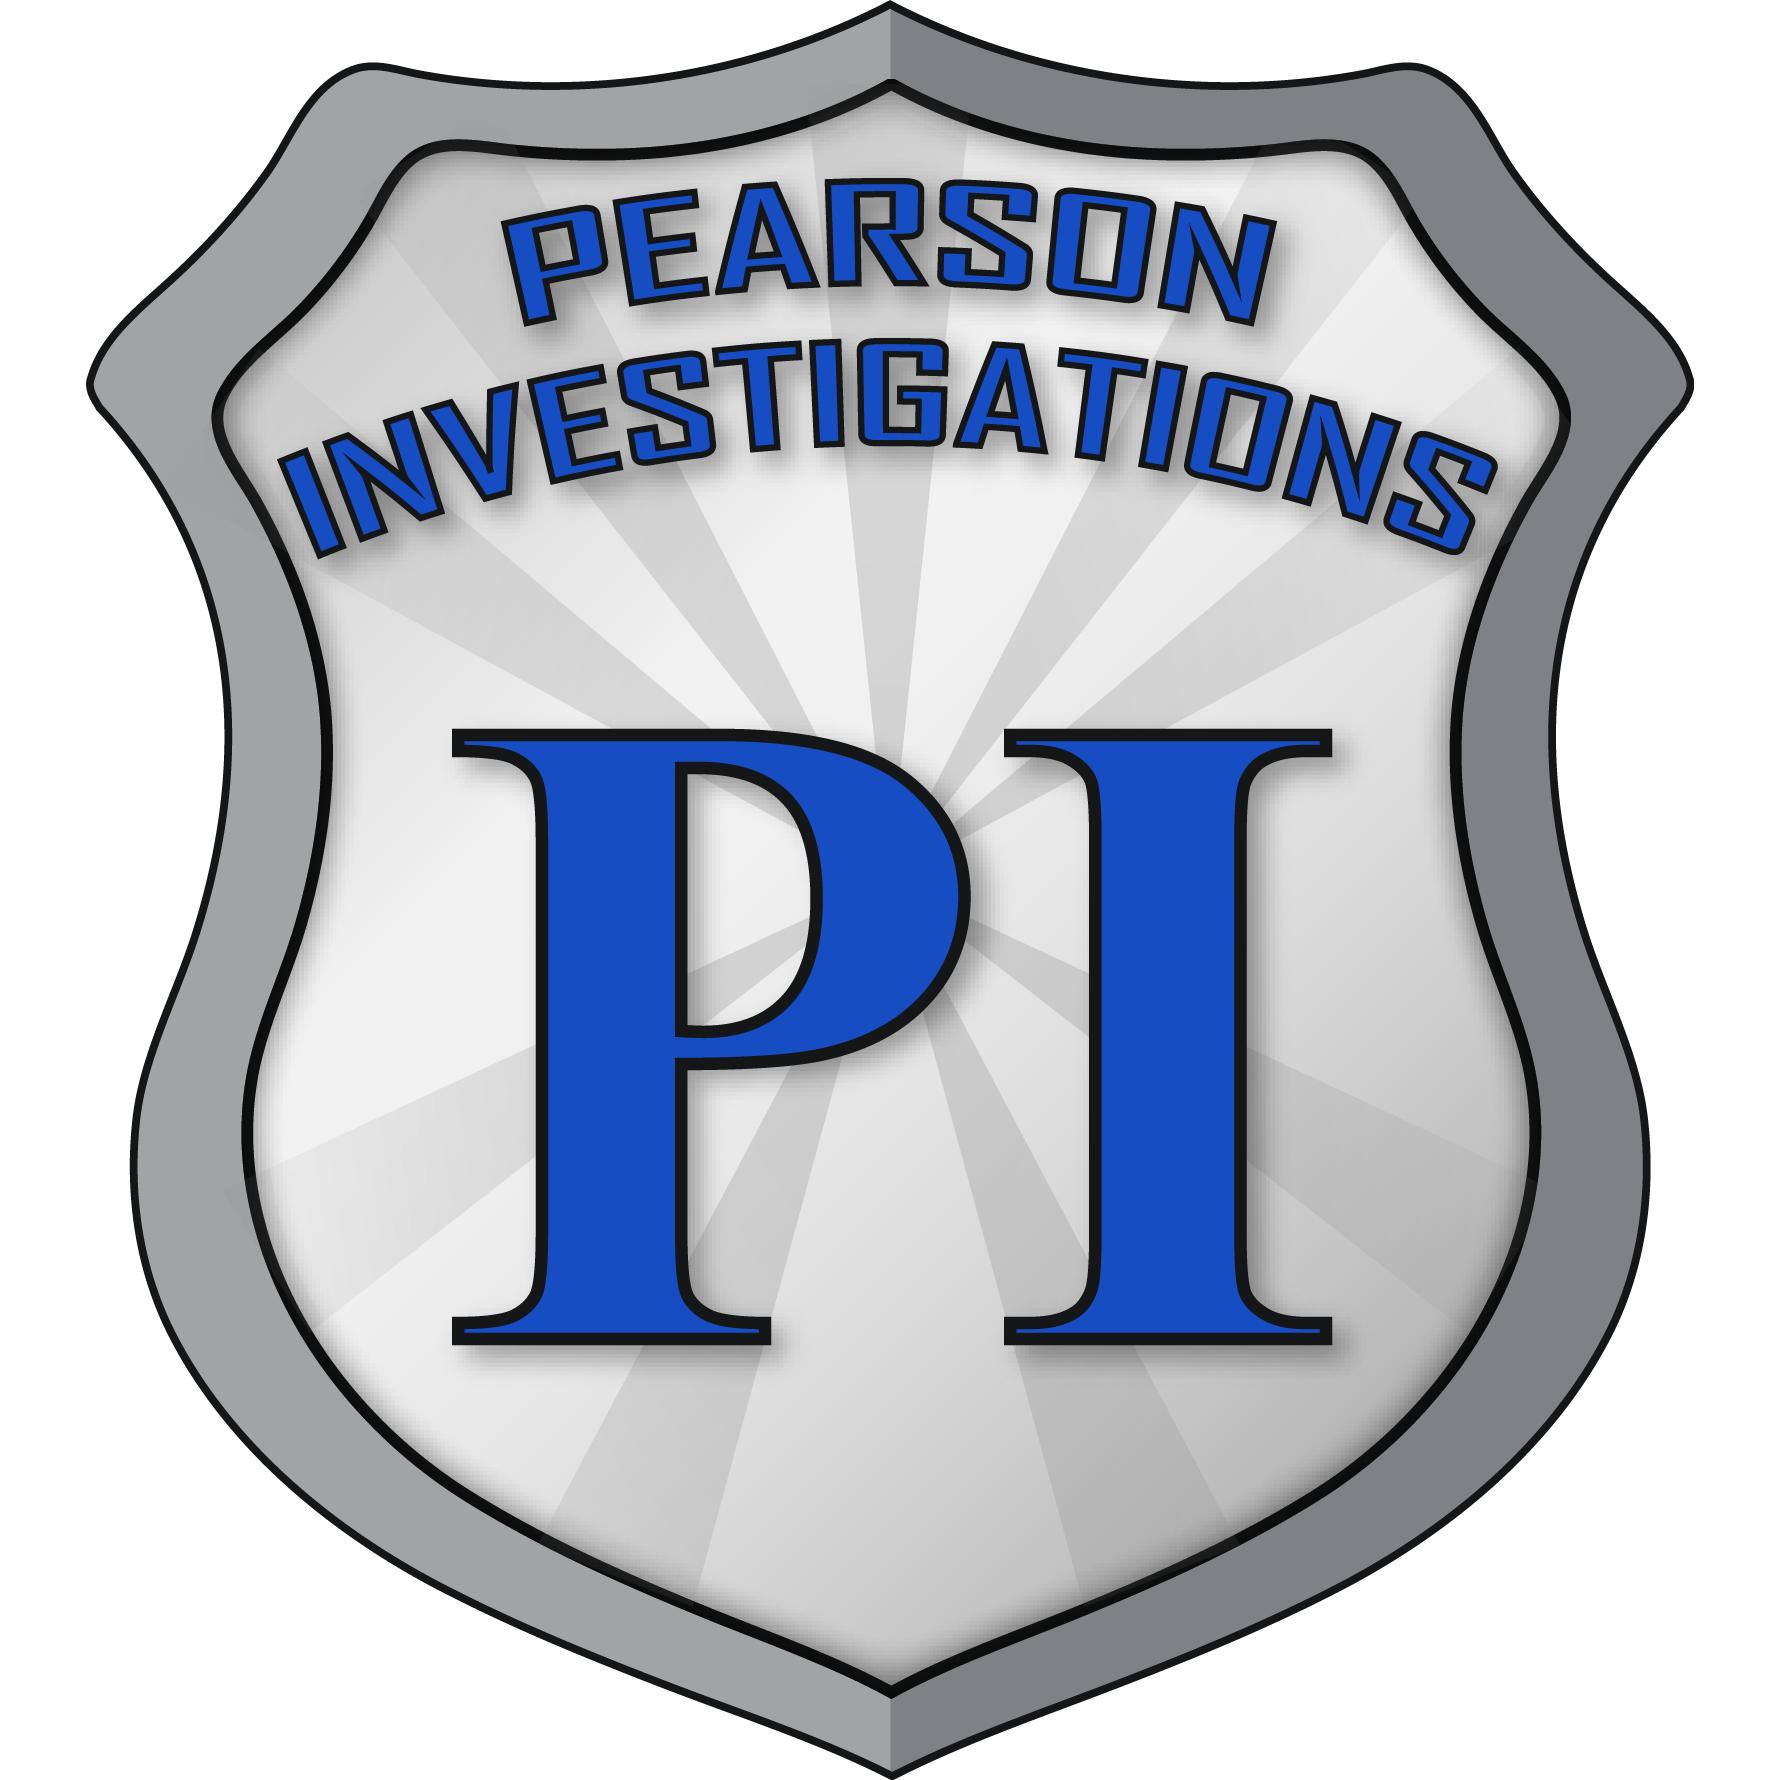 Pearson Investigations - ad image